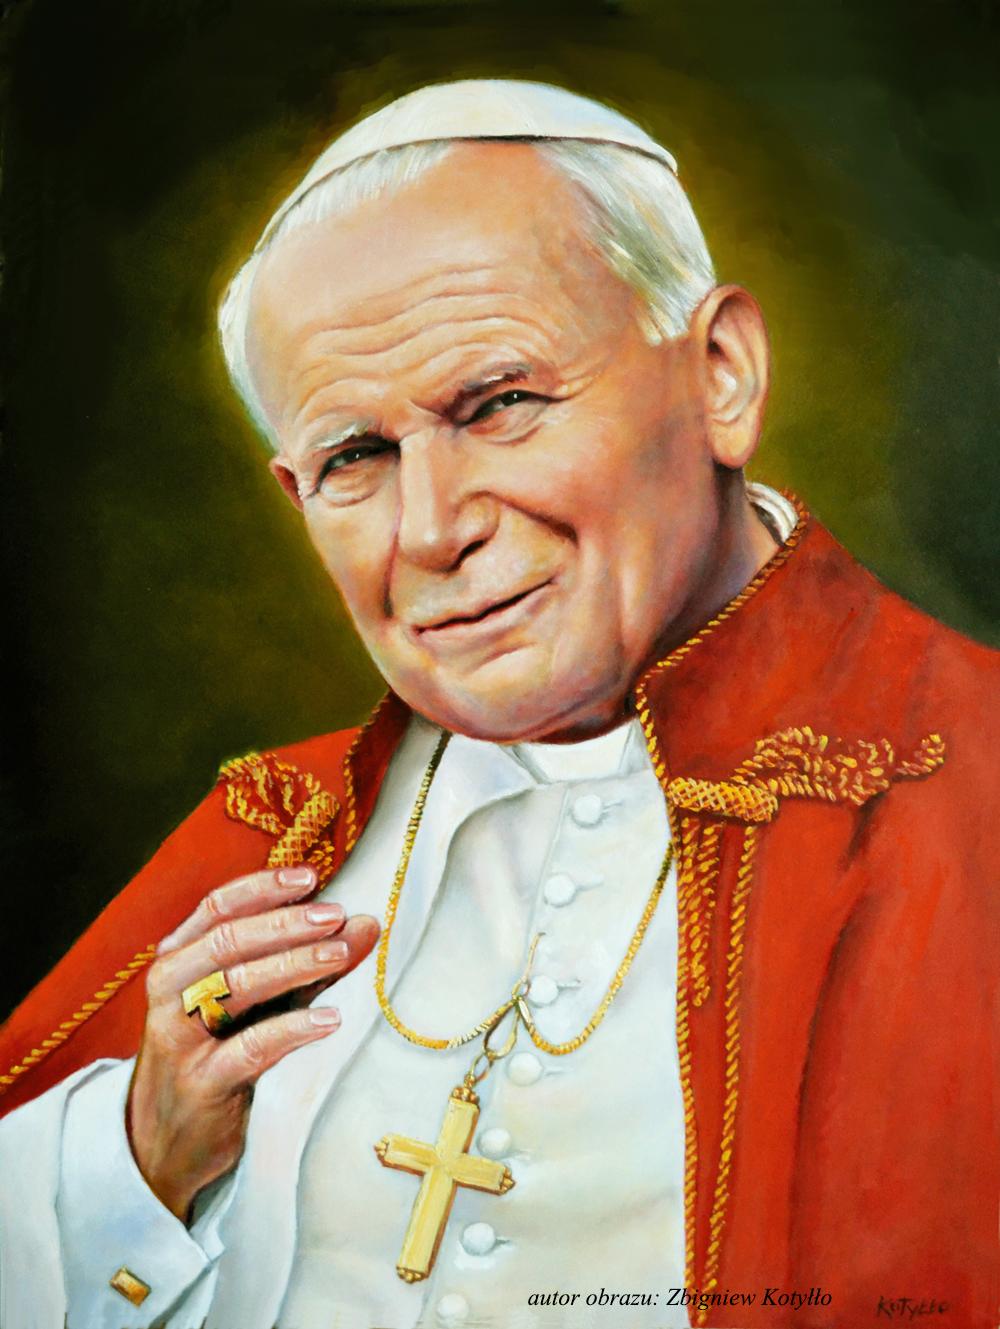 jan Paweł II autor obrazu Zbigniew Kotyłło